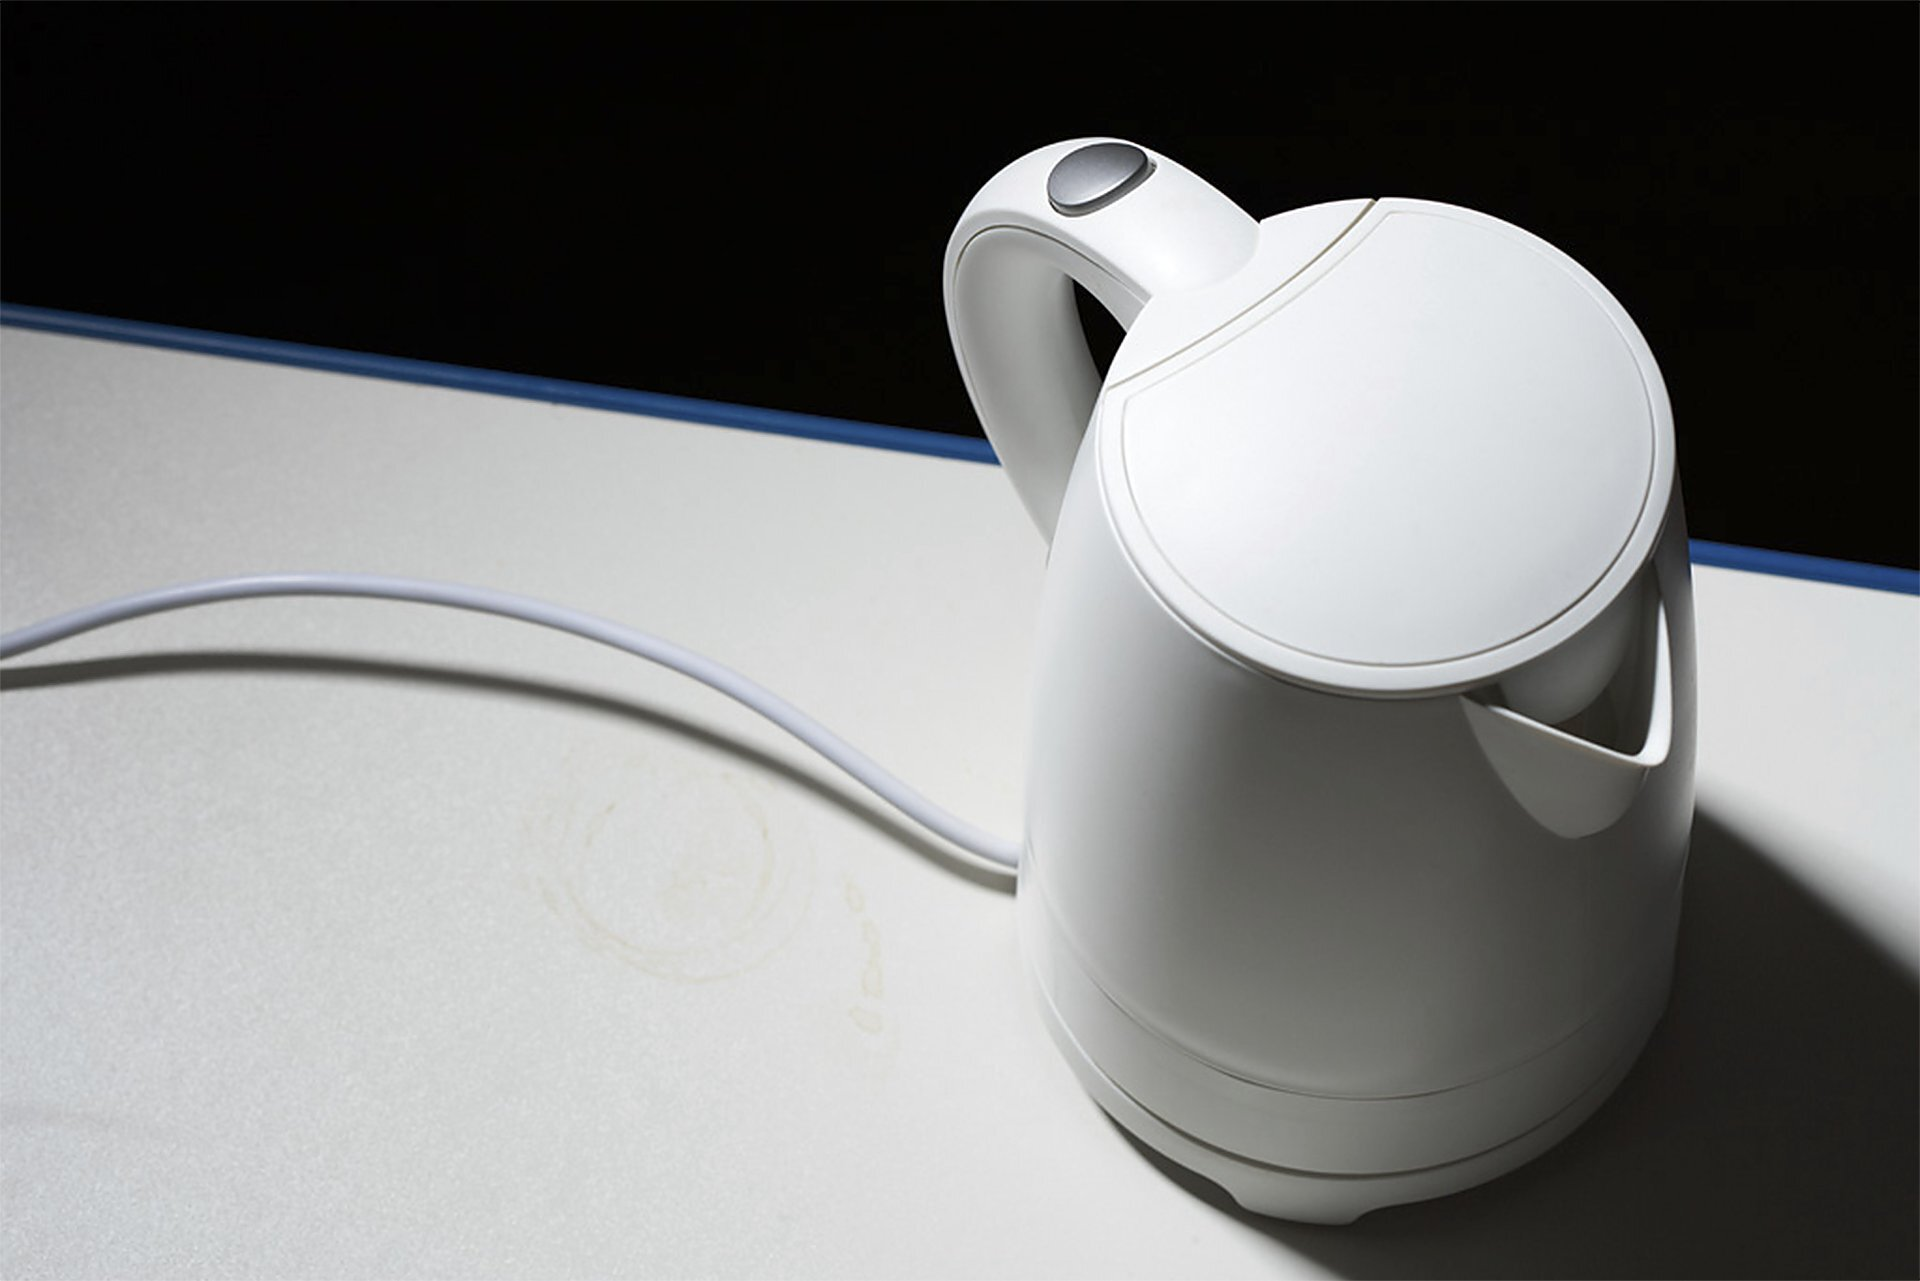 Zdjęcie przedstawia biały czajnik elektryczny stojący na białym blacie kuchennym uchwycony od góry. Czajnik stoi zprawej strony kadru, aoświetlony jest zlewej strony. Tło za blatem czarne.